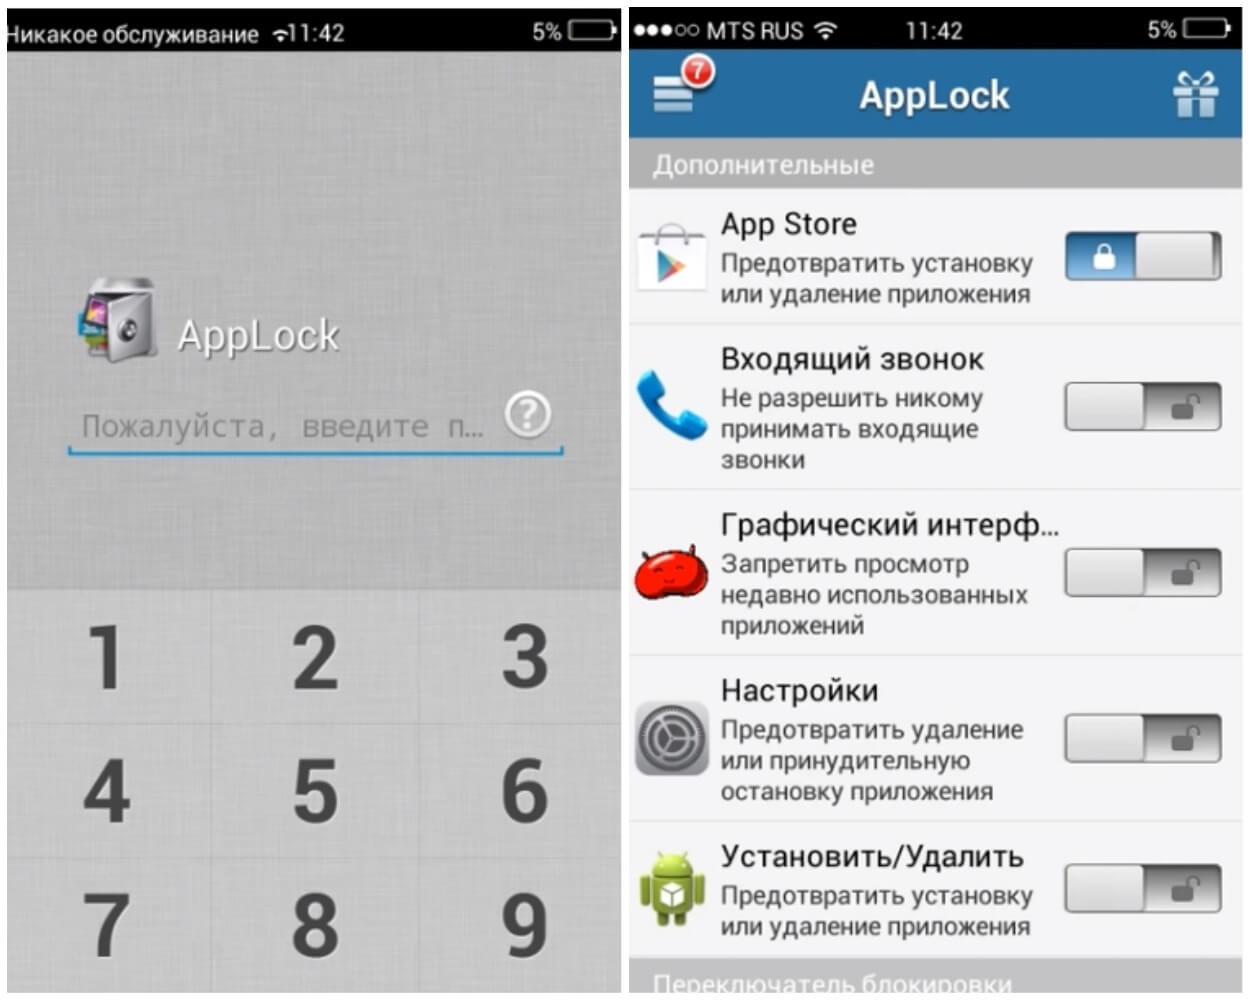 На фото изображено приложение AppLock.